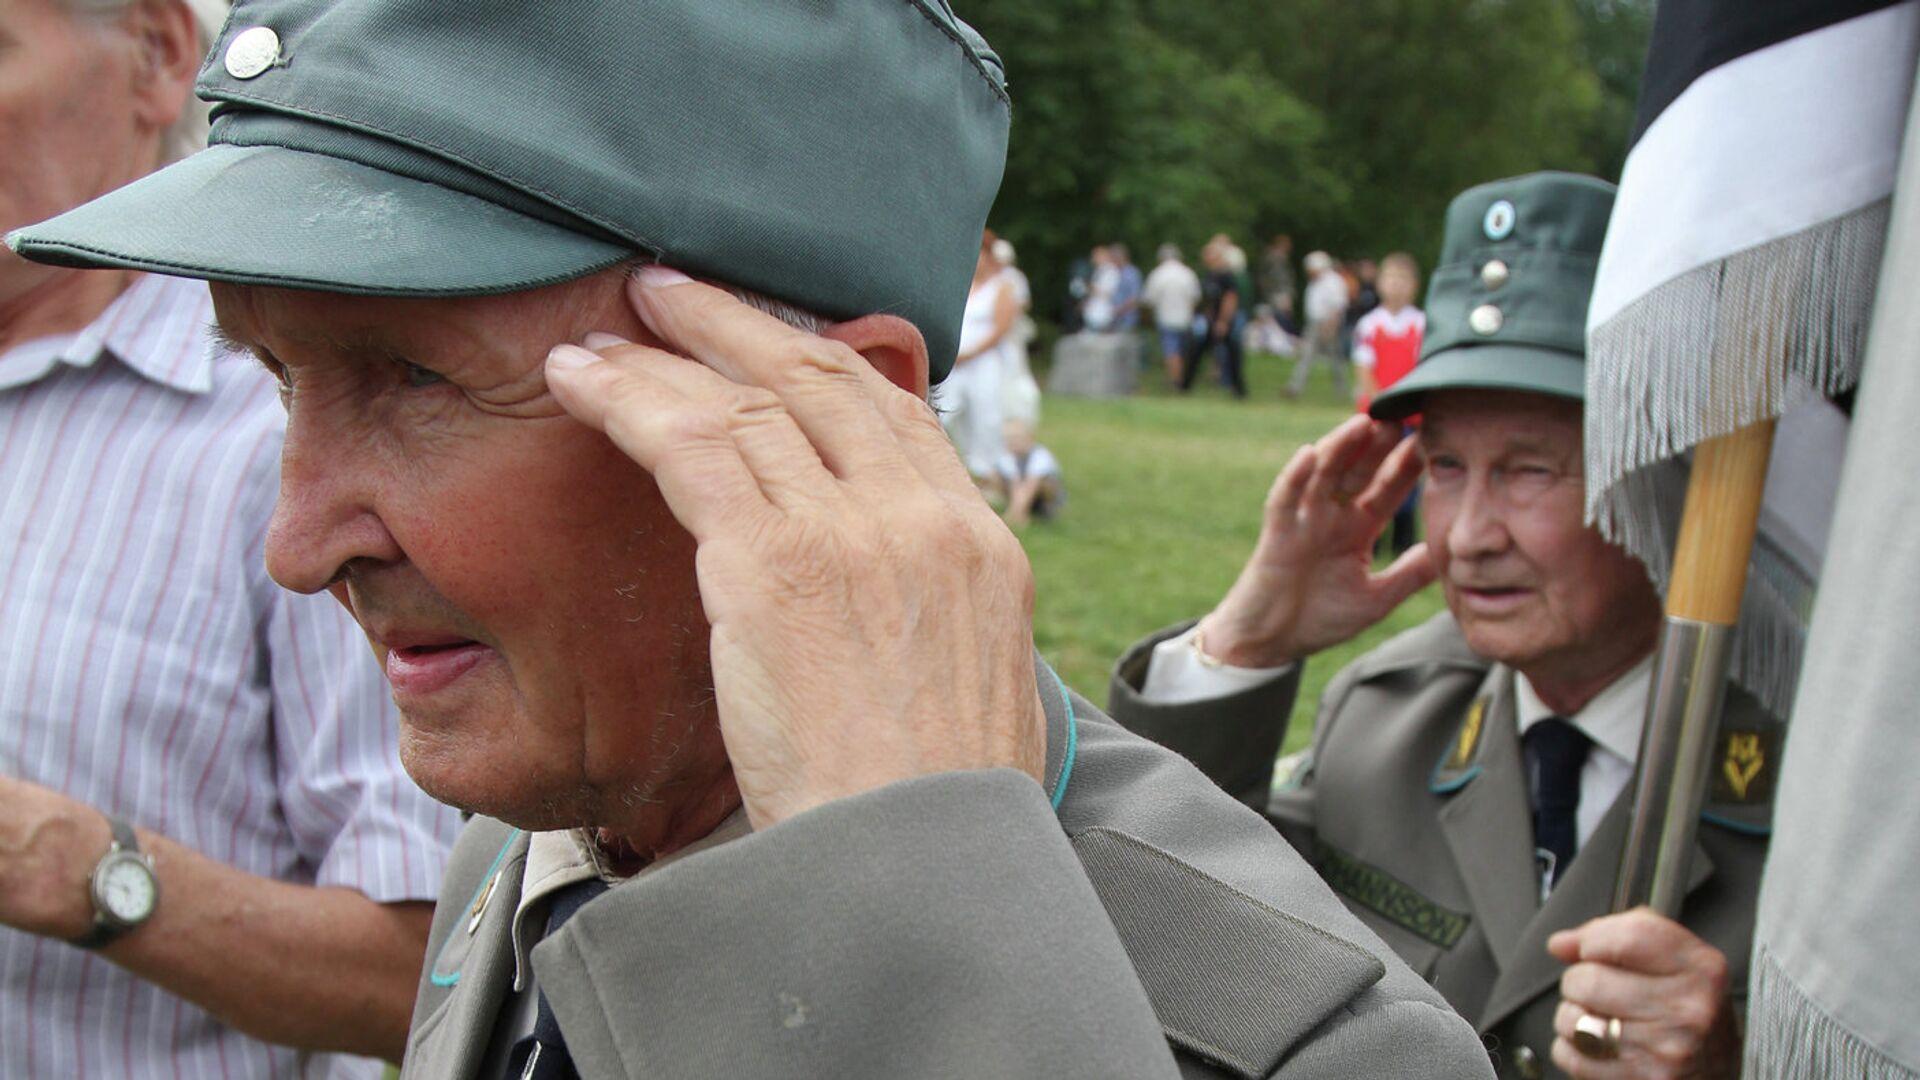 Сбор ветеранов 20-й гренадерской дивизии СС в Эстонии - РИА Новости, 1920, 03.08.2021